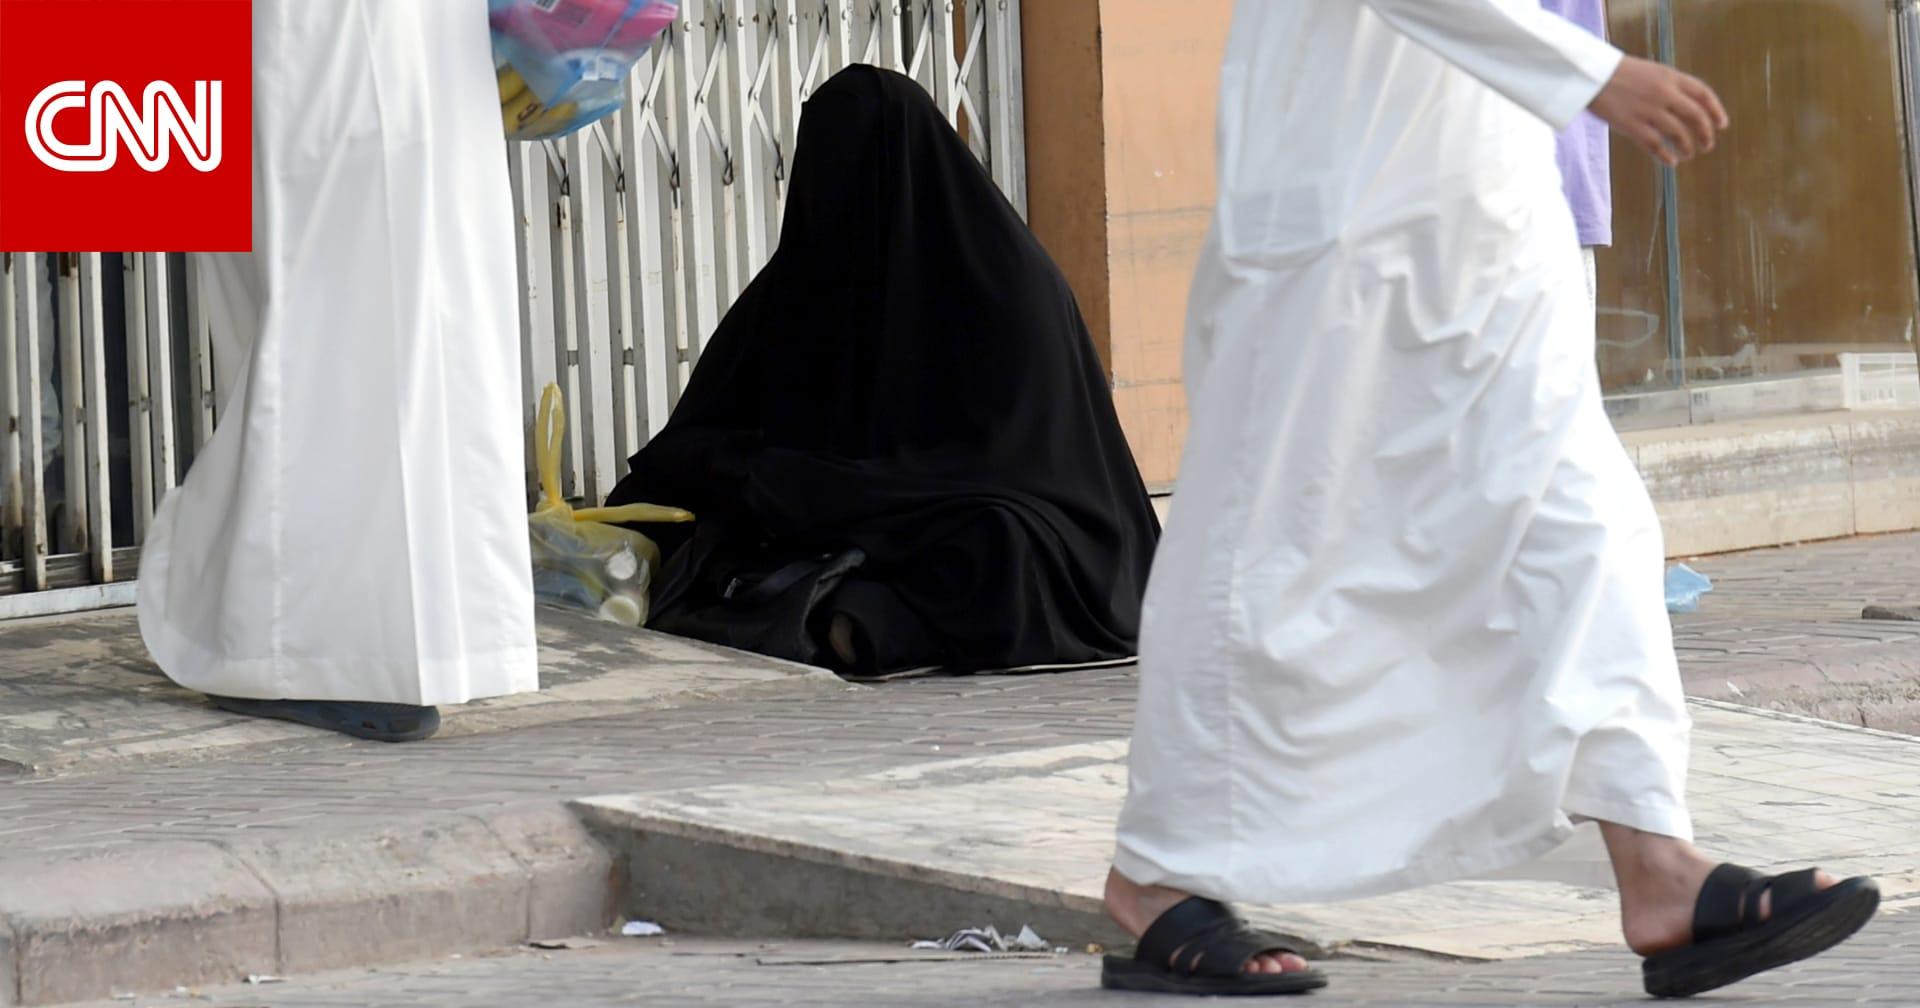 تقرير: البطالة بالمنطقة العربية الأعلى بالعالم بـ14.3 مليون عاطل عن العمل